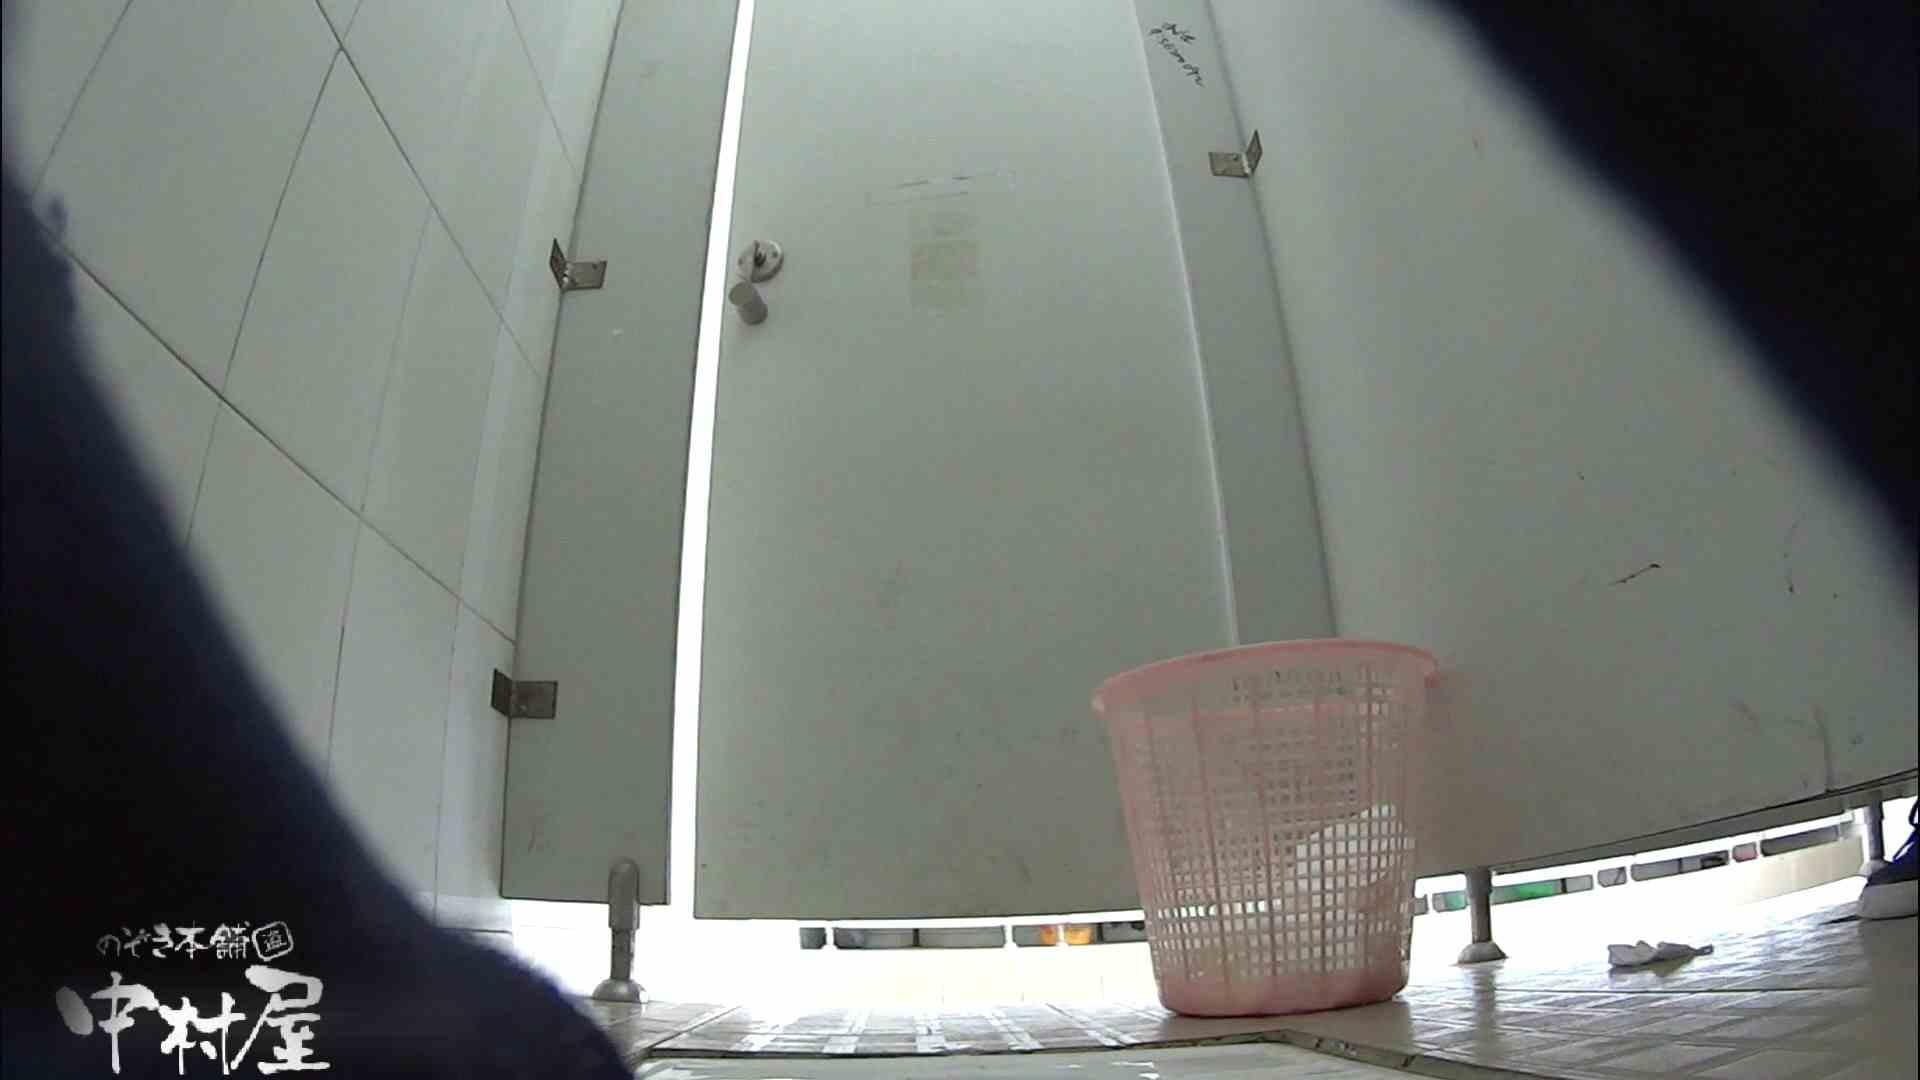 名大学休憩時間の洗面所事情01 盗撮 おまんこ動画流出 54画像 42